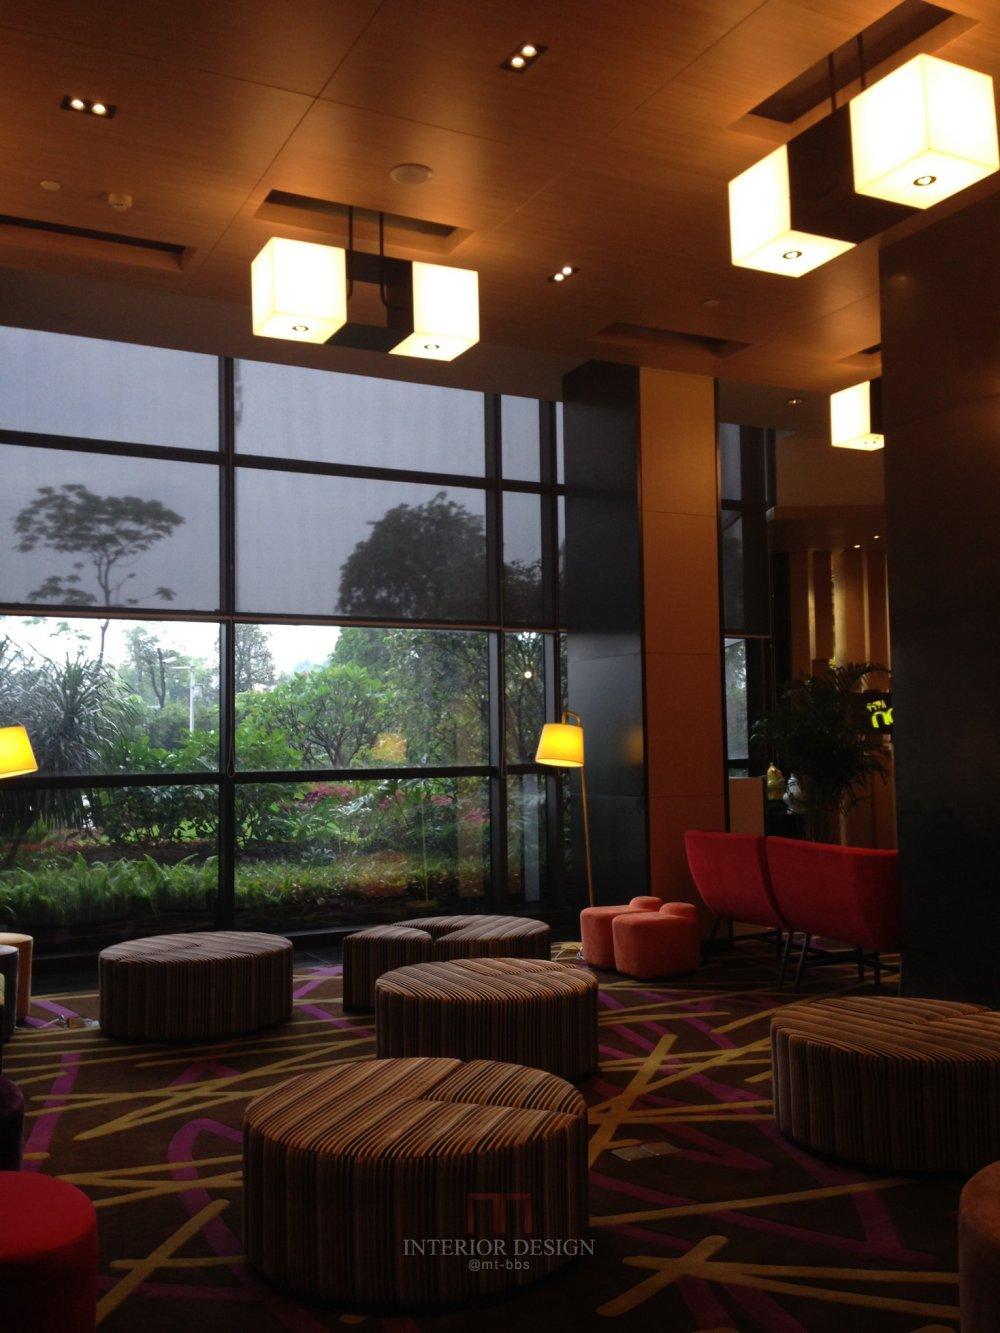 广州大学城雅乐轩酒店ALOFT GUANGZHOU UNIVERSITY PARK自拍分享_IMG_2705.JPG